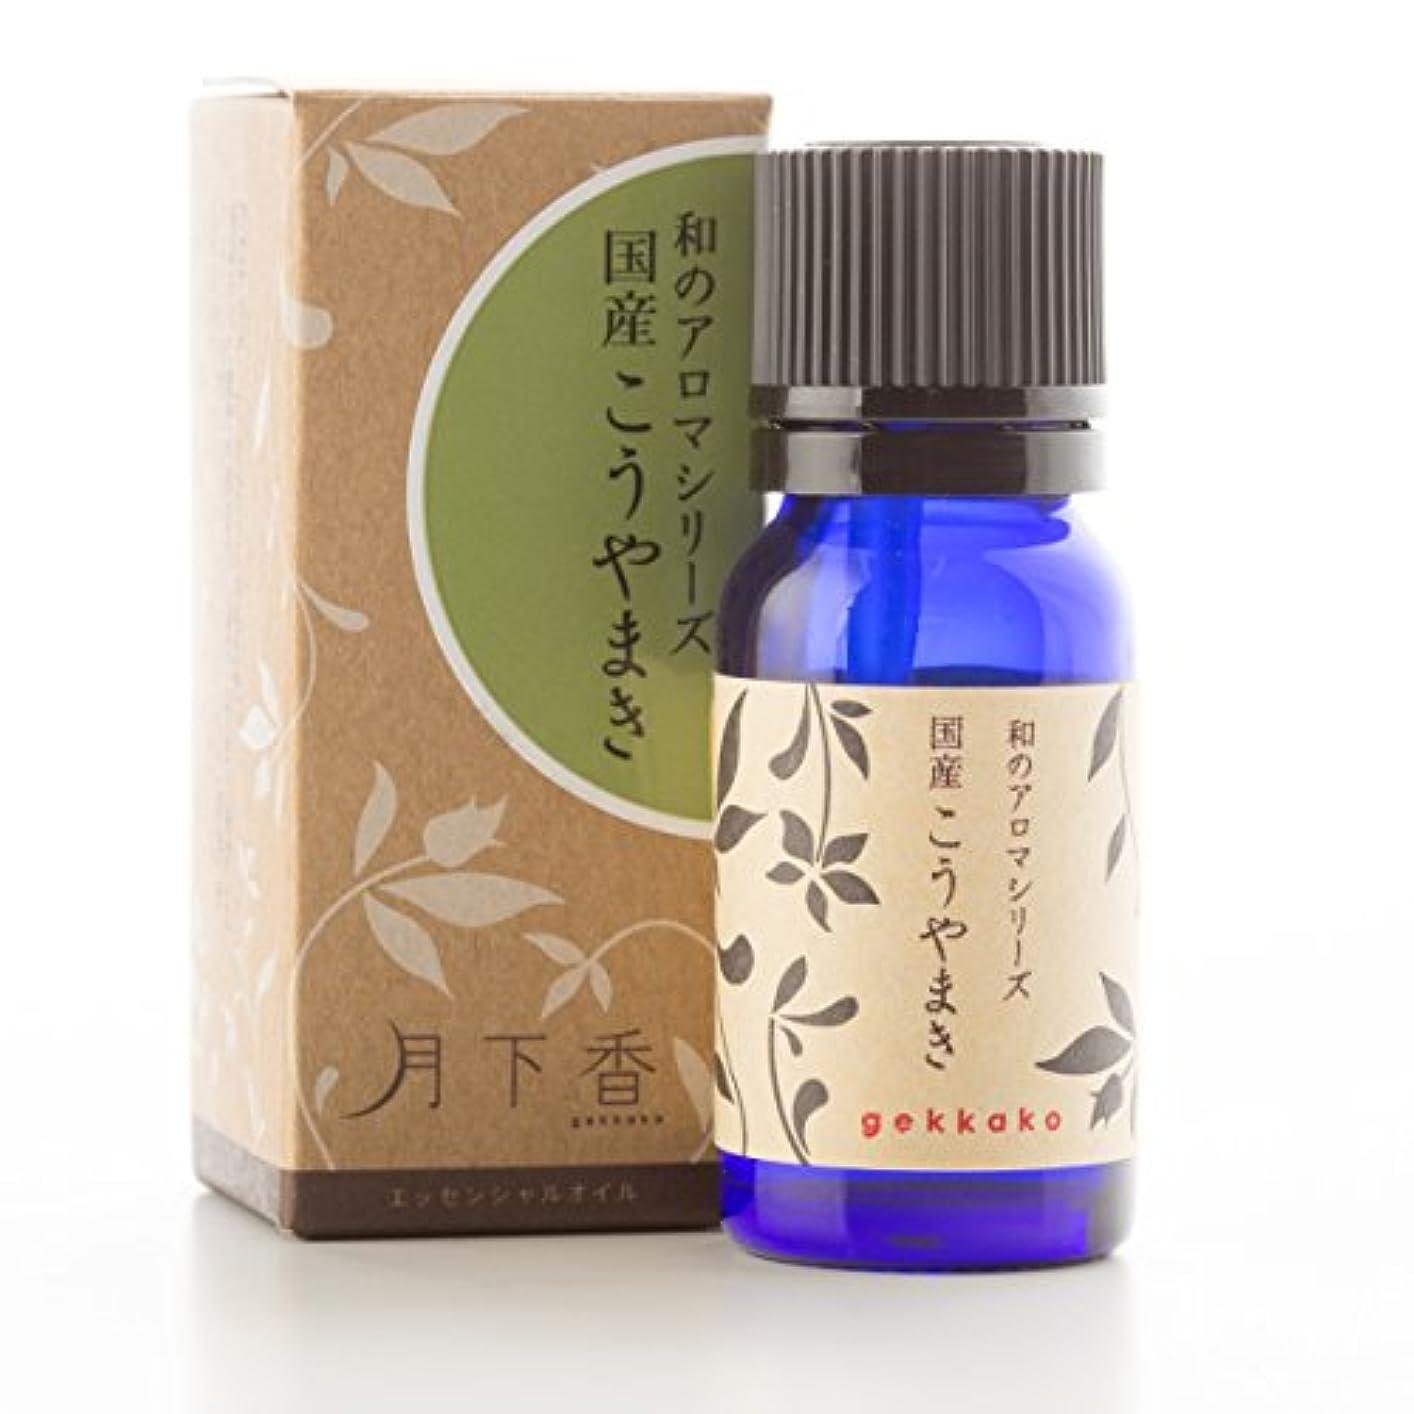 家庭化粧花瓶<月下香>和精油/エッセンシャルオイル/アロマ/こうやまき【5ml】 (5ml)